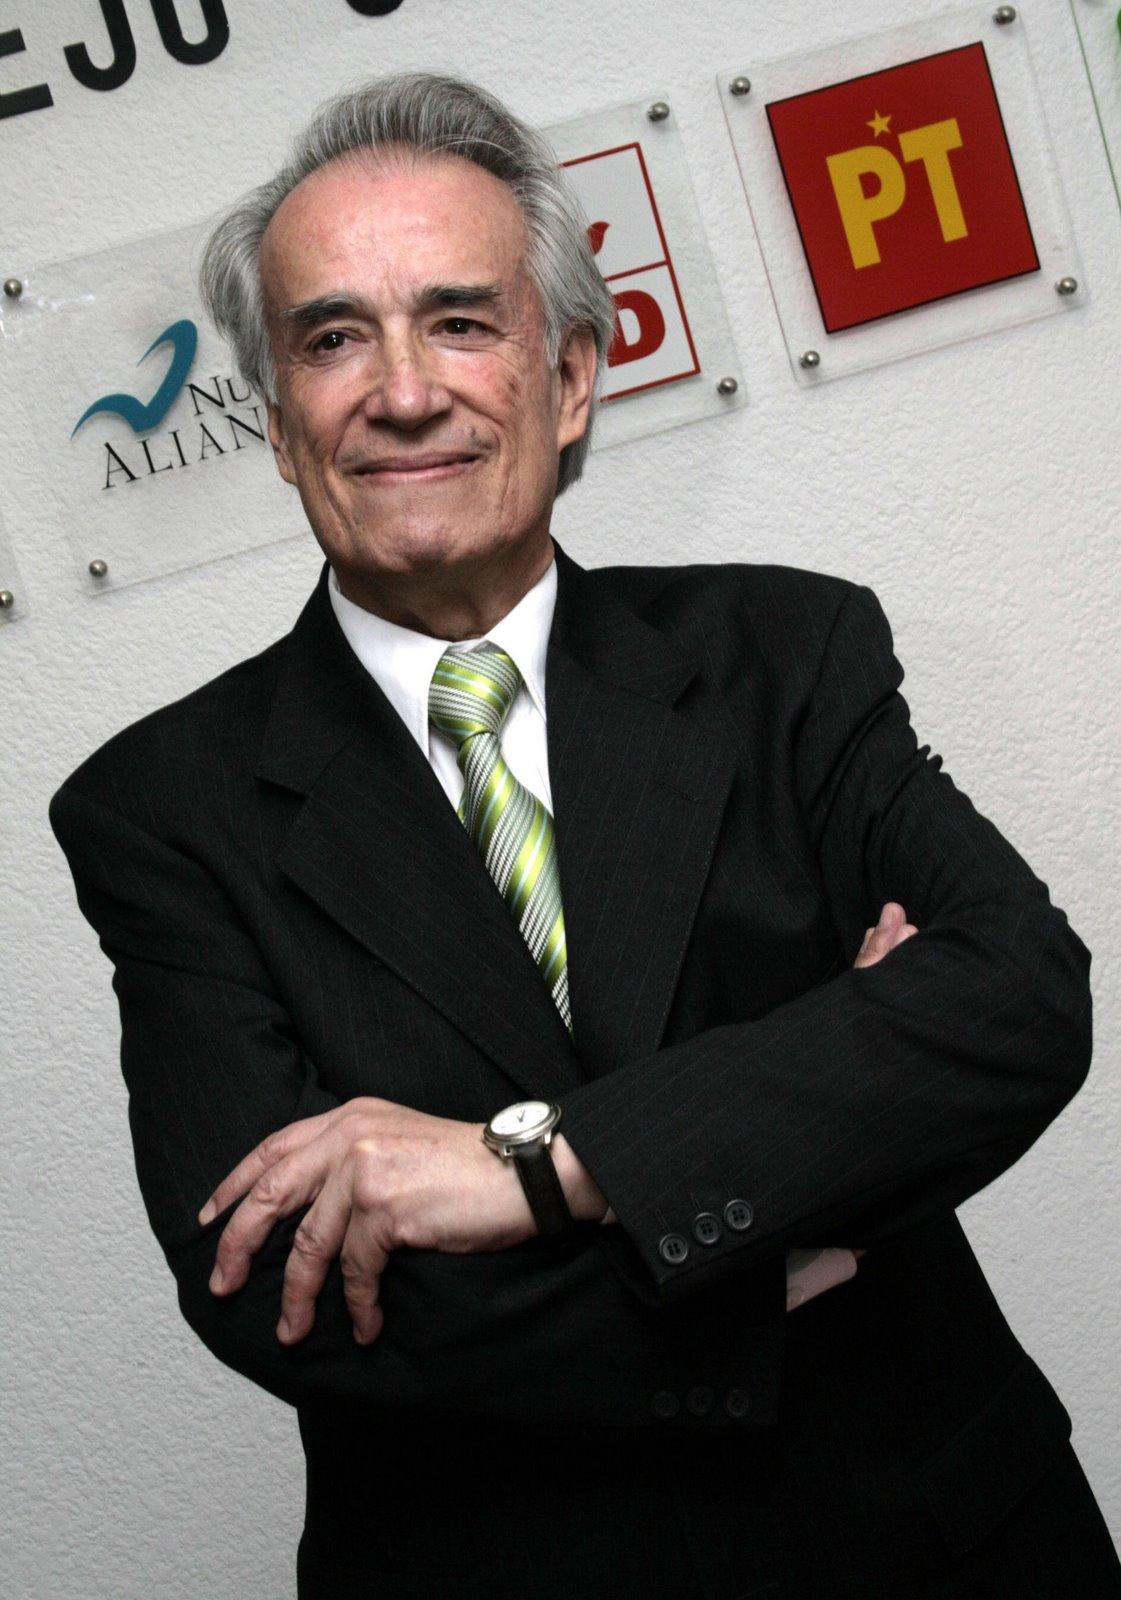 Fco Nuñez Montes